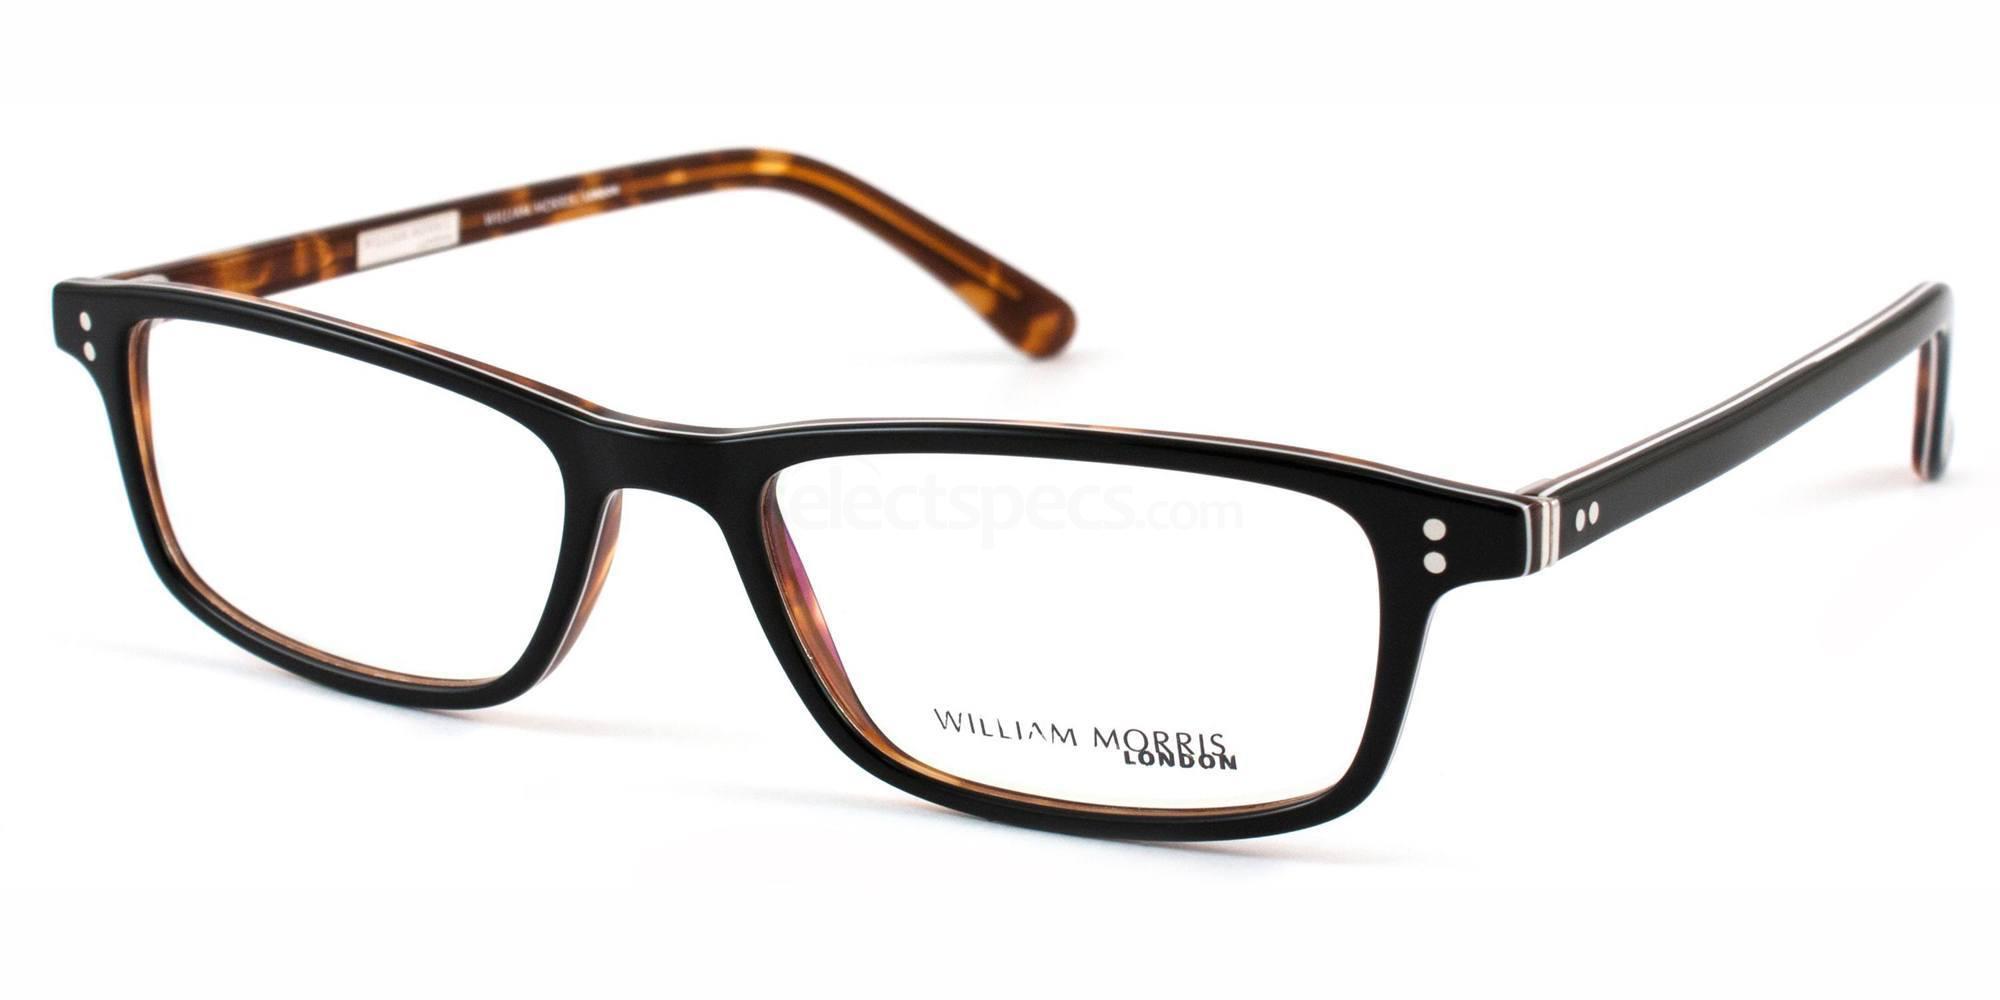 C1 WL8511 Glasses, William Morris London